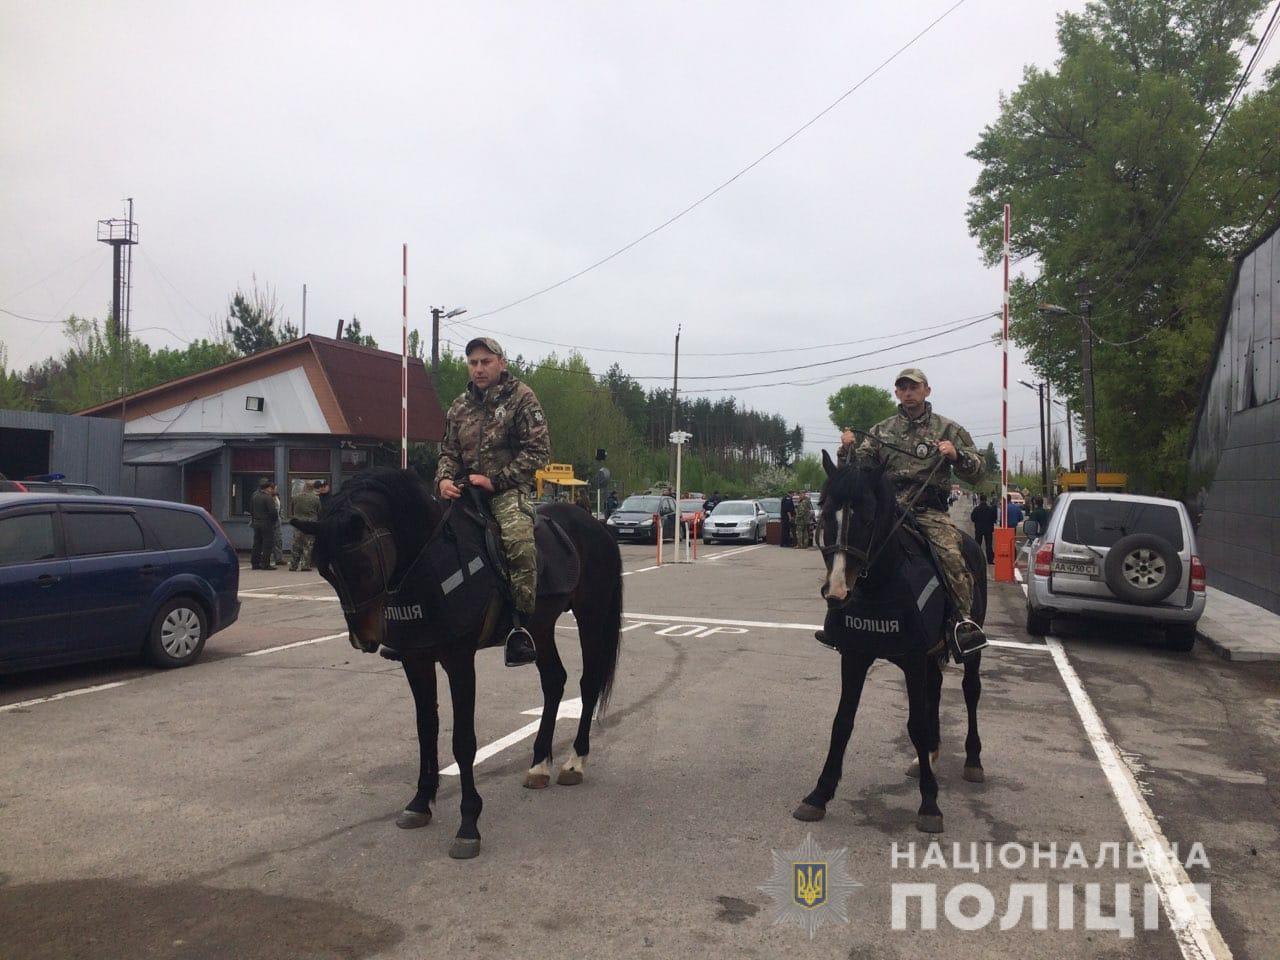 На охорону порядку на Київщині вийшли майже 800 правоохоронців - поліція Київщини, київщина, Друга світова війна, День перемоги над нацизмом - Poliz 9 trav 3